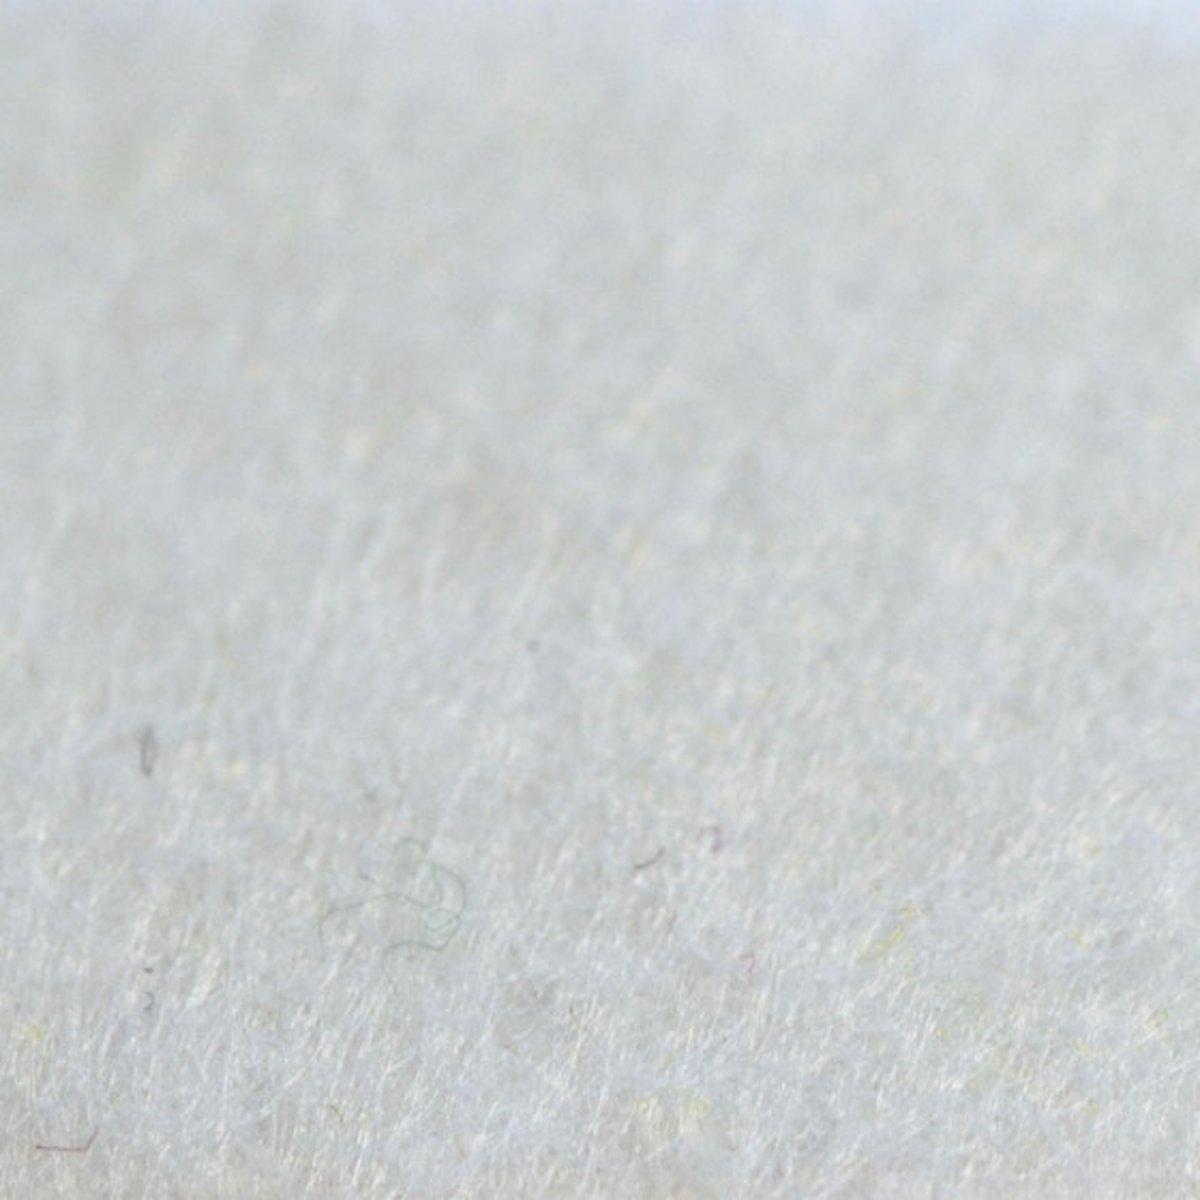 Afbeelding van product Vilt wit 30,5x30,5cm - 2mm x5